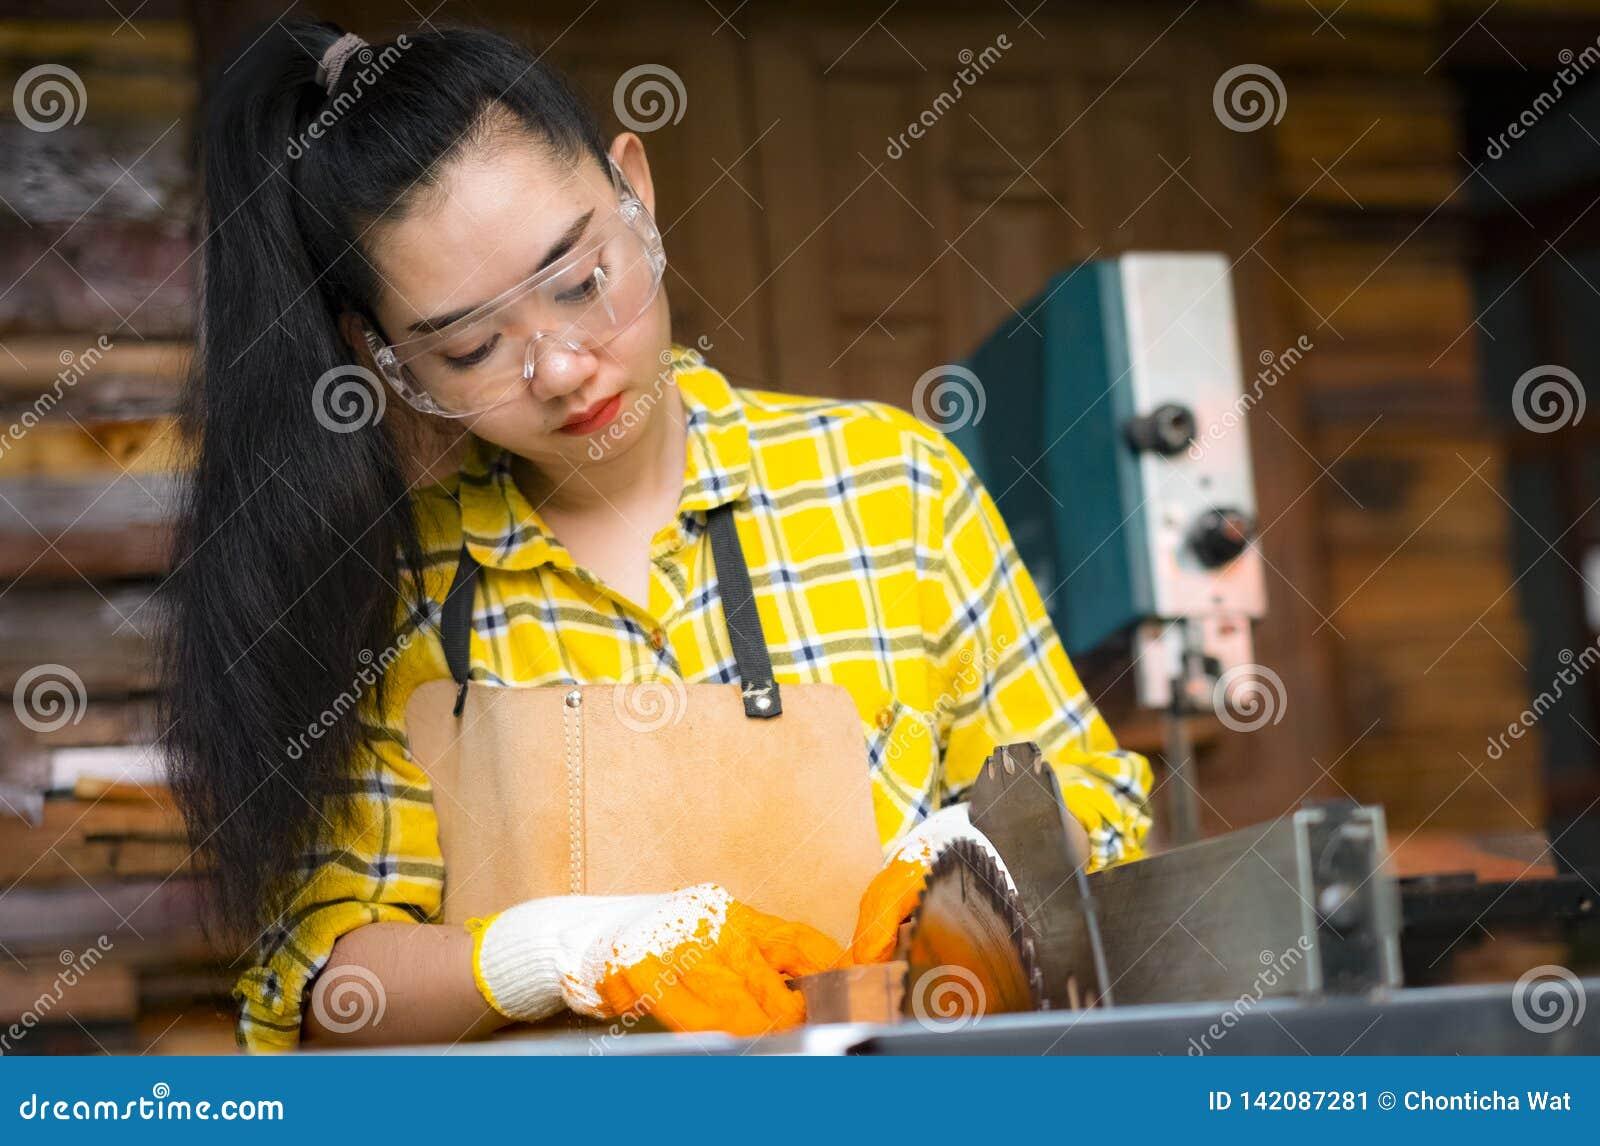 Οι γυναίκες που στέκονται είναι τέχνη που λειτουργεί το κομμένο ξύλο σε έναν πάγκο εργασίας με τα κυκλικά εργαλεία δύναμης πριονι